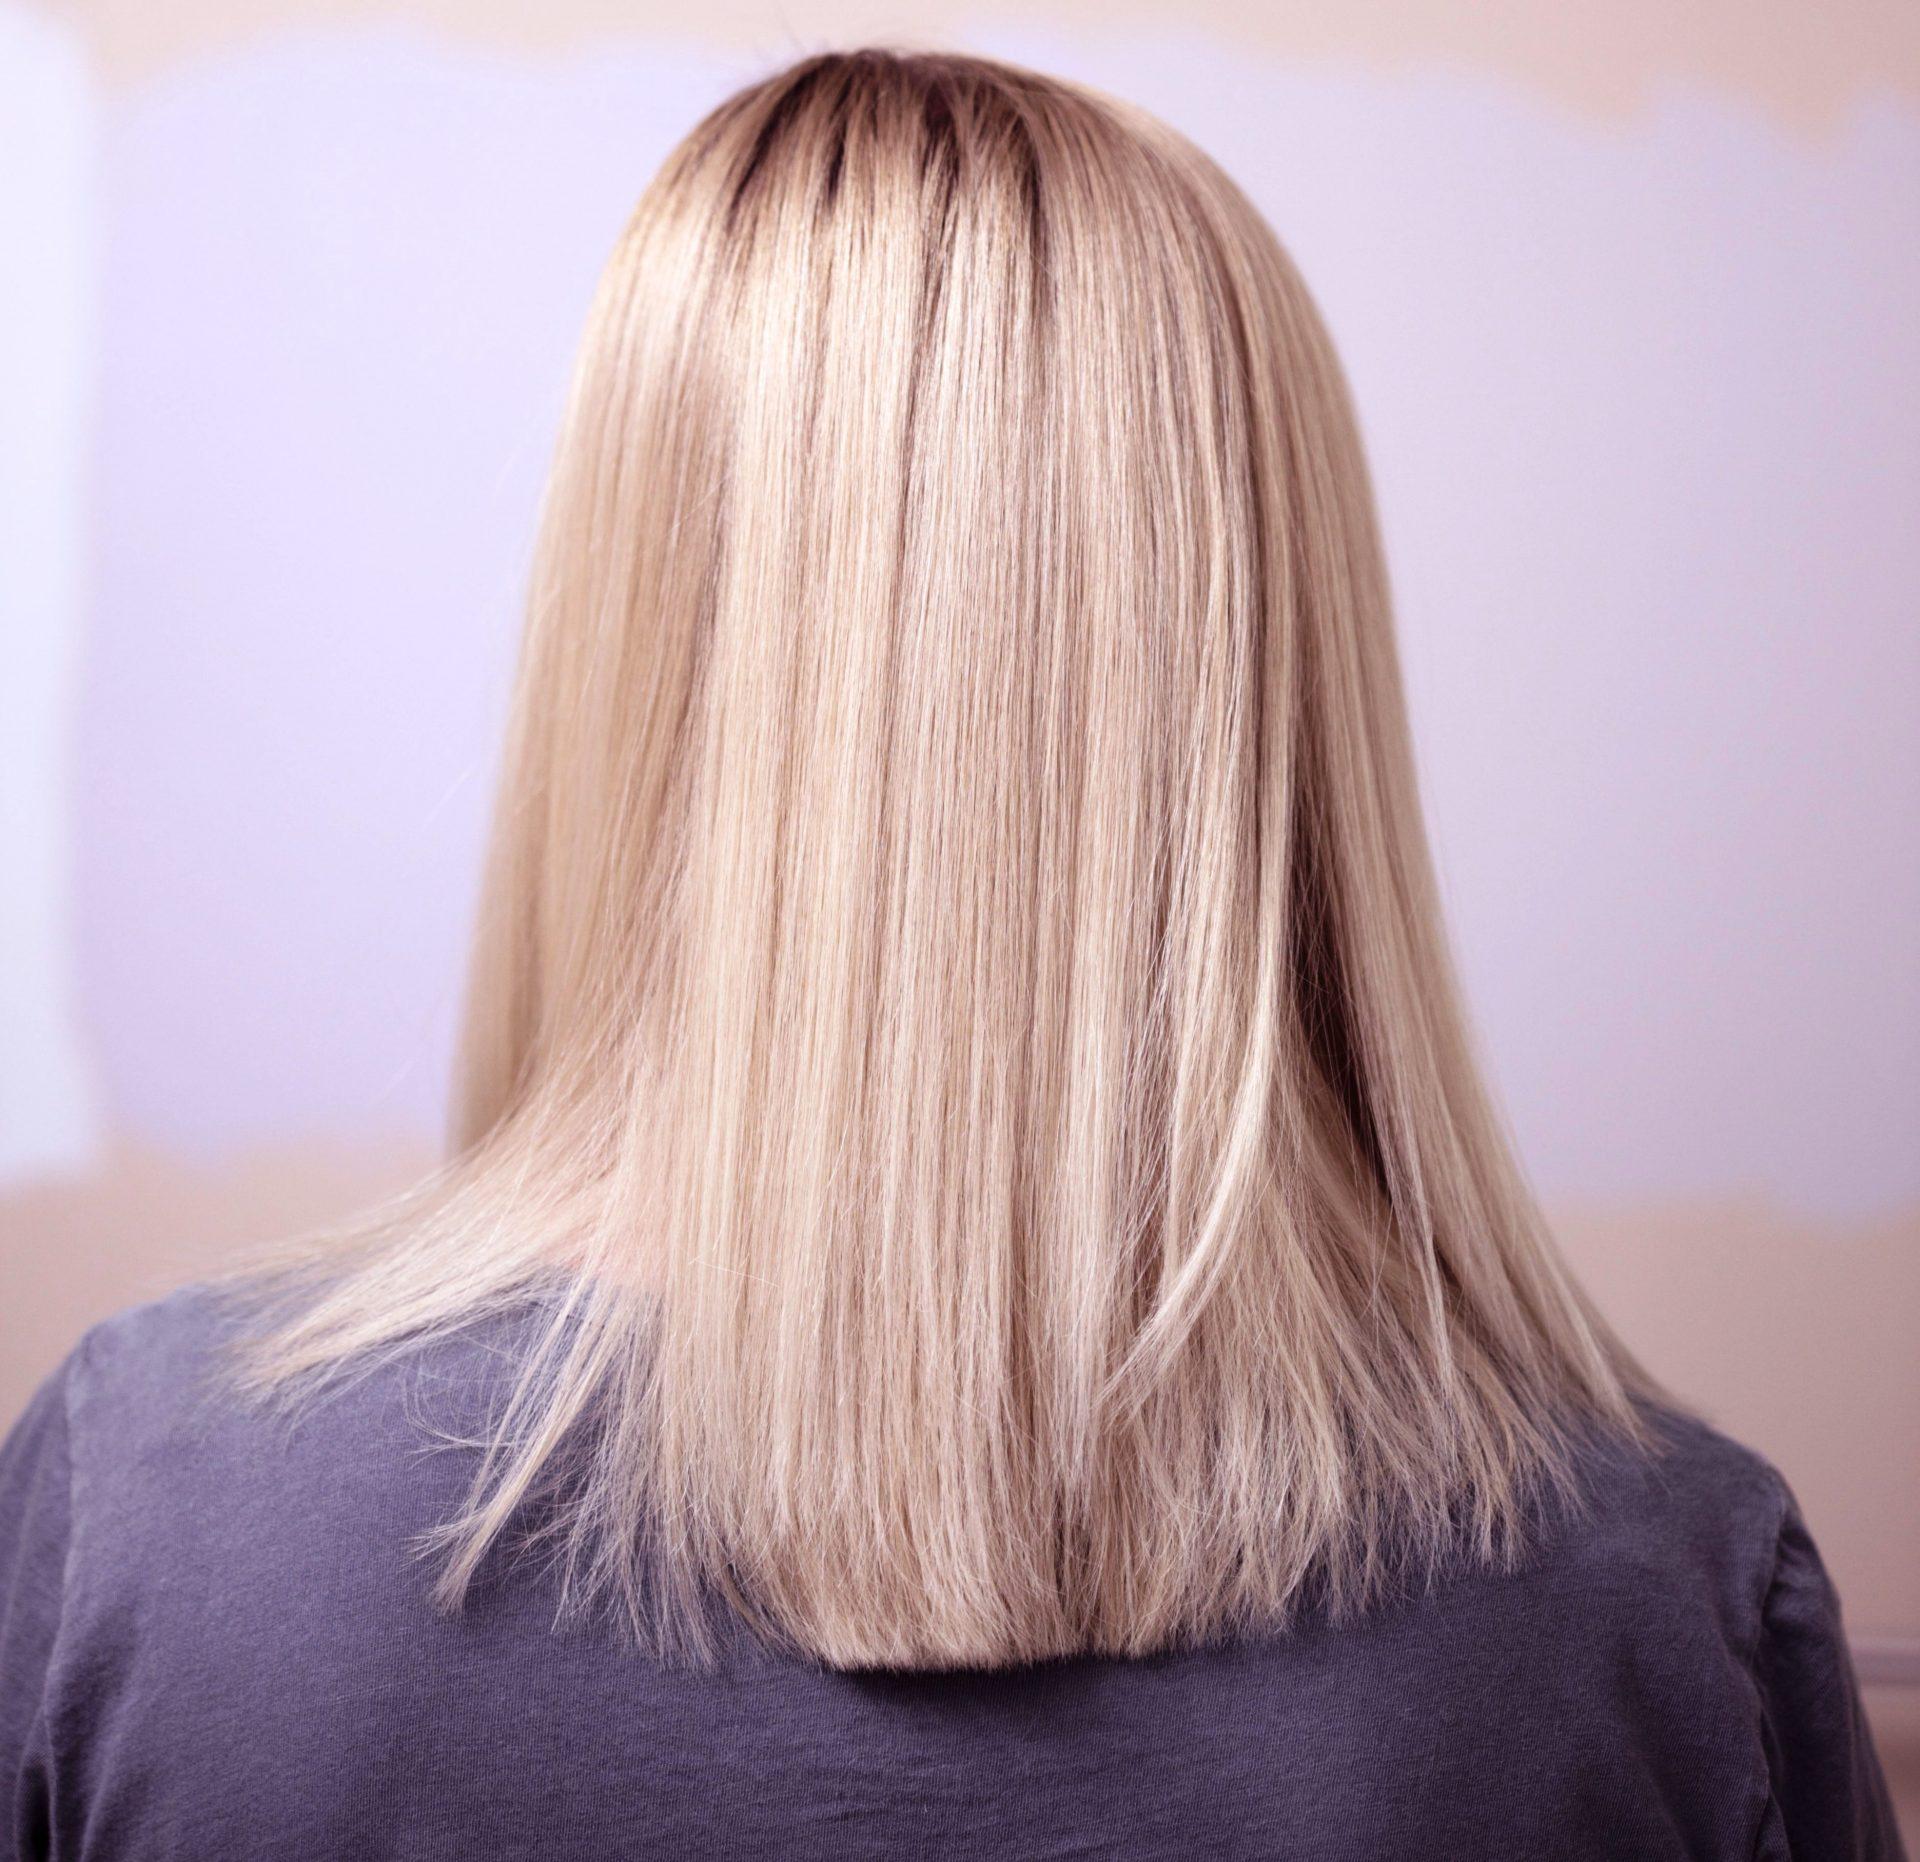 nuante de par, par platinat, par blond